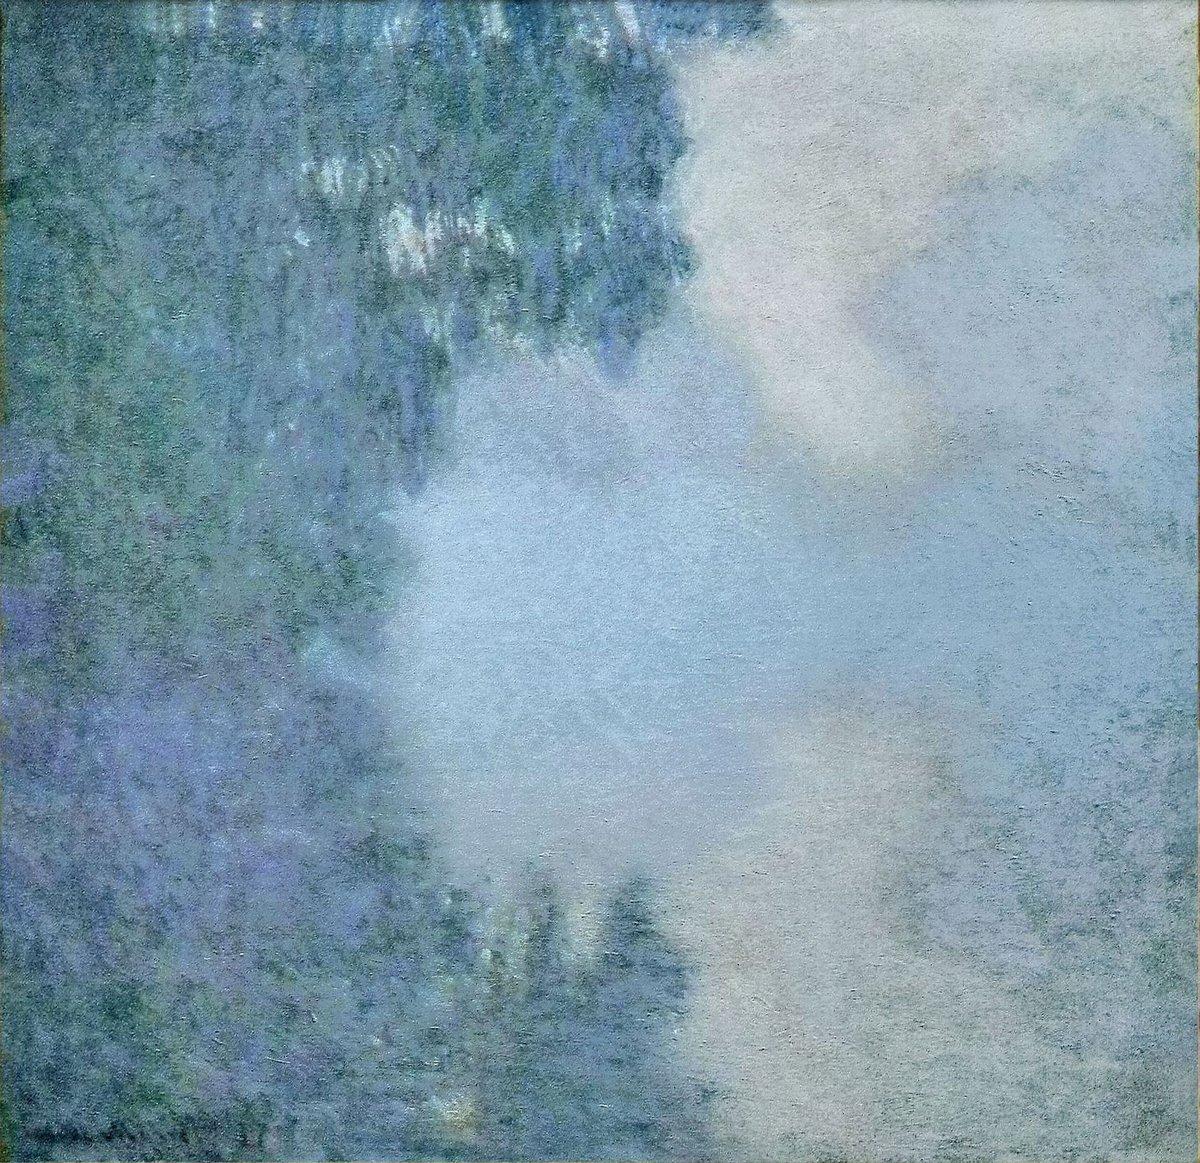 Пленэр, картина Моне Клод «Утро на Сене»Пленэр<br>Репродукция на холсте или бумаге. Любого нужного вам размера. В раме или без. Подвес в комплекте. Трехслойная надежная упаковка. Доставим в любую точку России. Вам осталось только повесить картину на стену!<br>